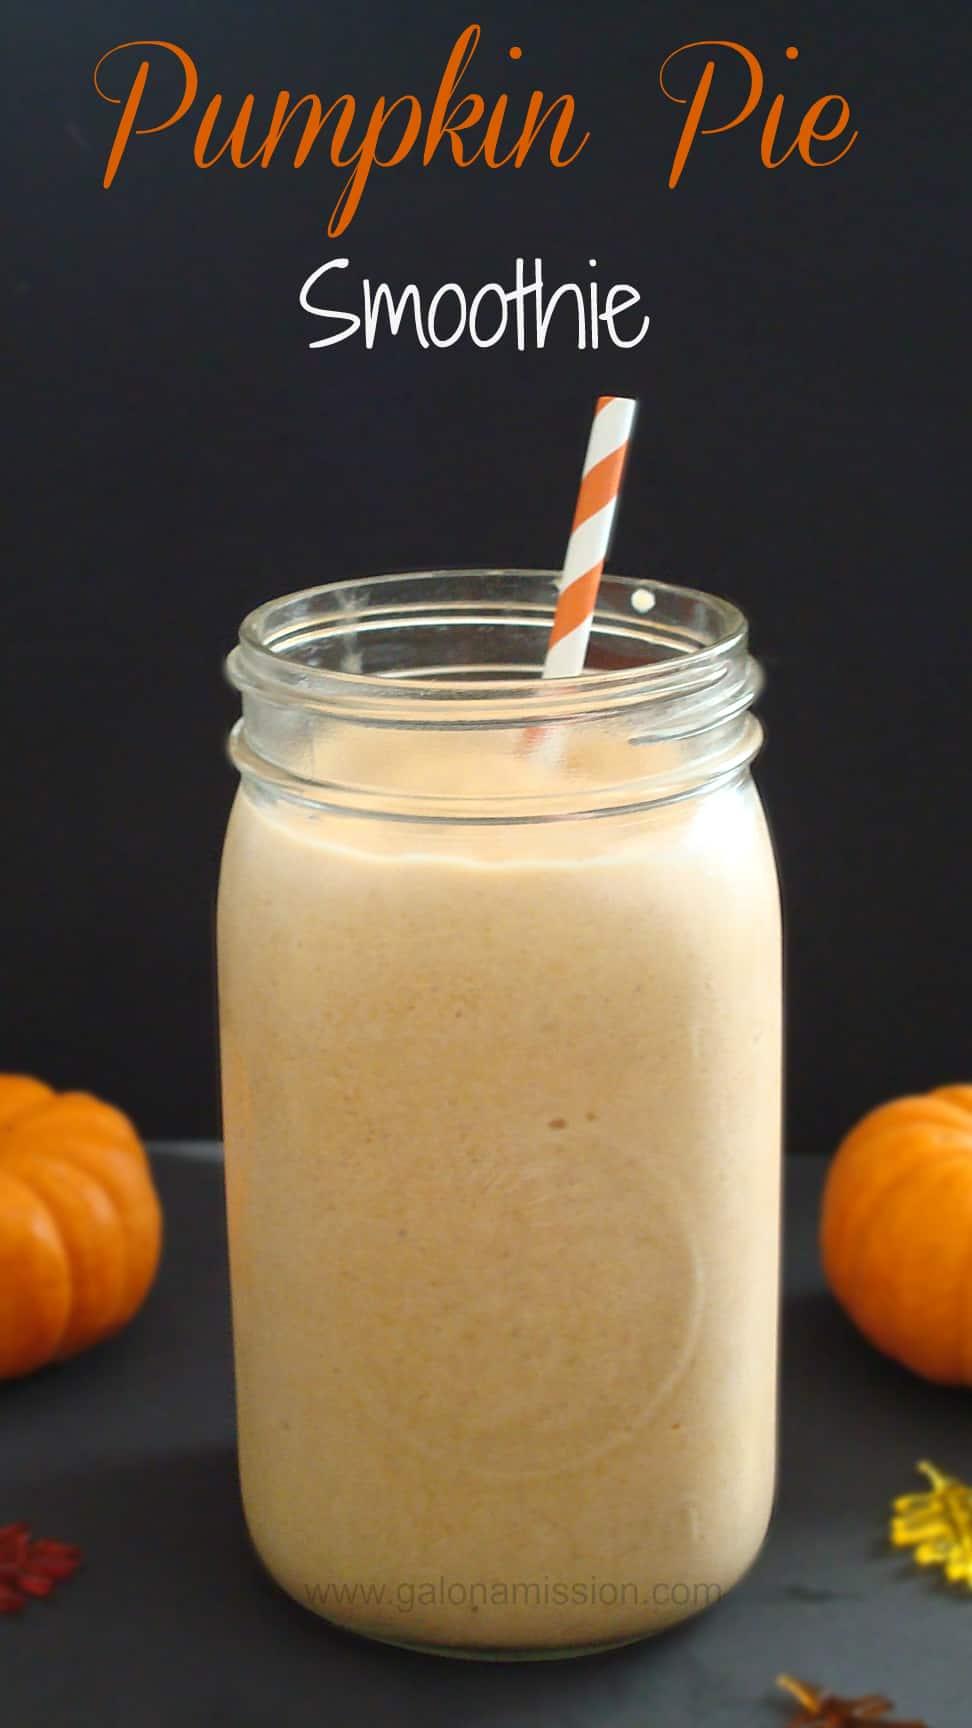 Pumpkin Pie Smoothie #Pumpkin #Sugar-Free #Dairy-Free #S #Yummy #Smoothies